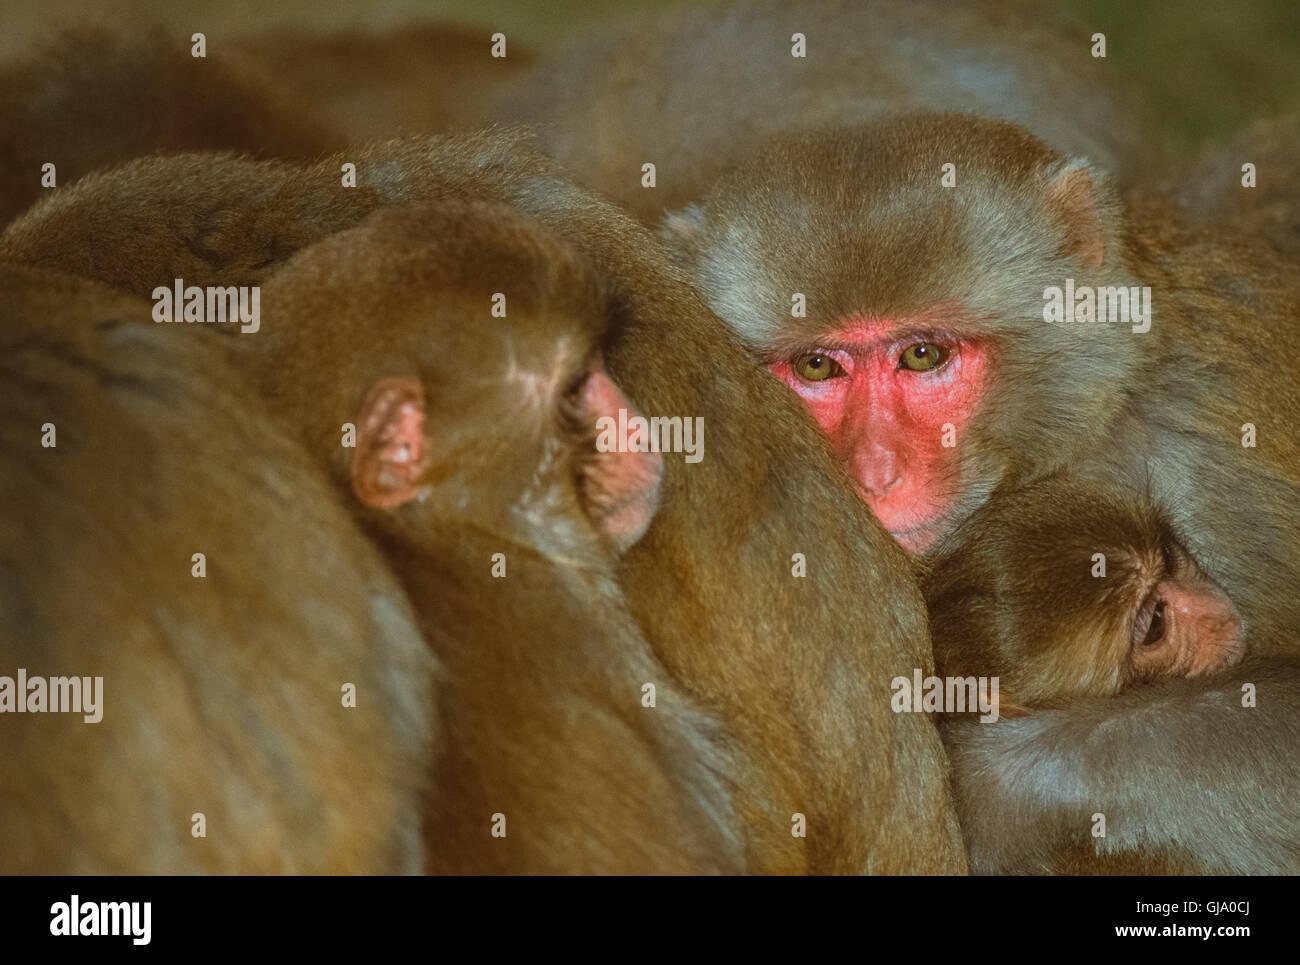 Macaco Rhesus, macaca mulatta, maschio raggomitolati insieme con truppe per mantenere in caldo, Rajasthan, India Immagini Stock